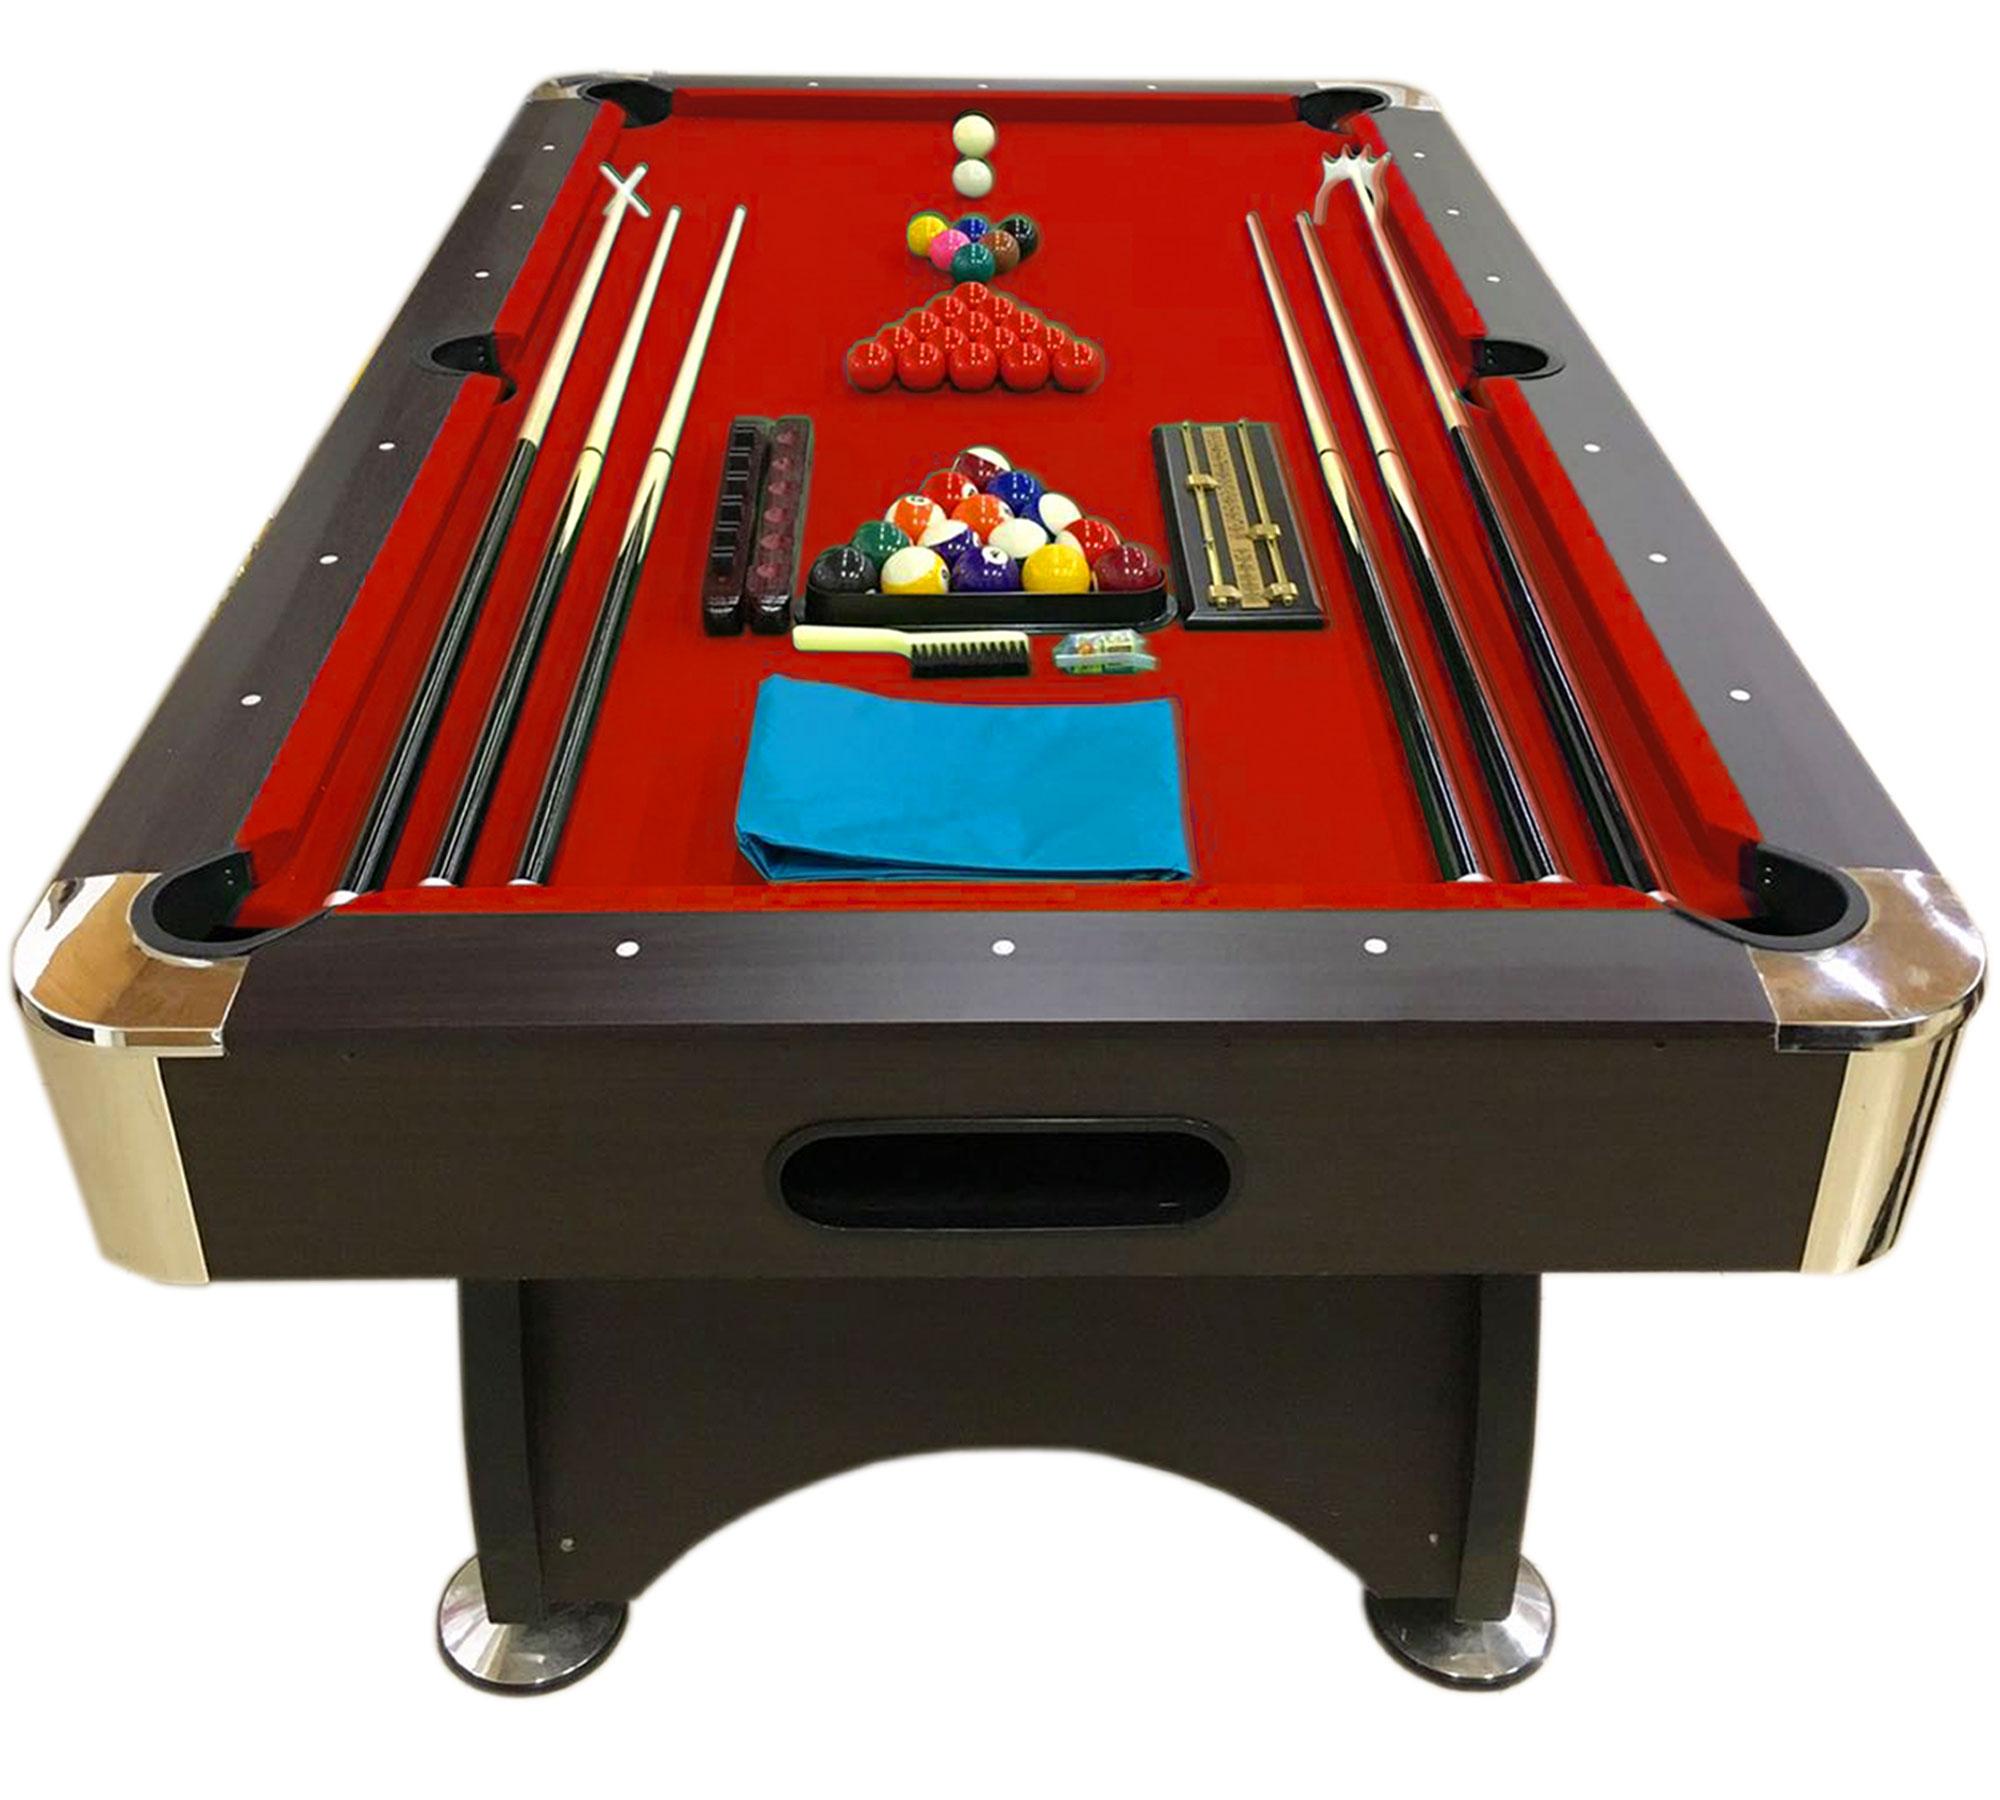 Tavolo da biliardo accessori per carambola snooker rosso billiard table 7ft ebay - Misure tavolo da biliardo ...